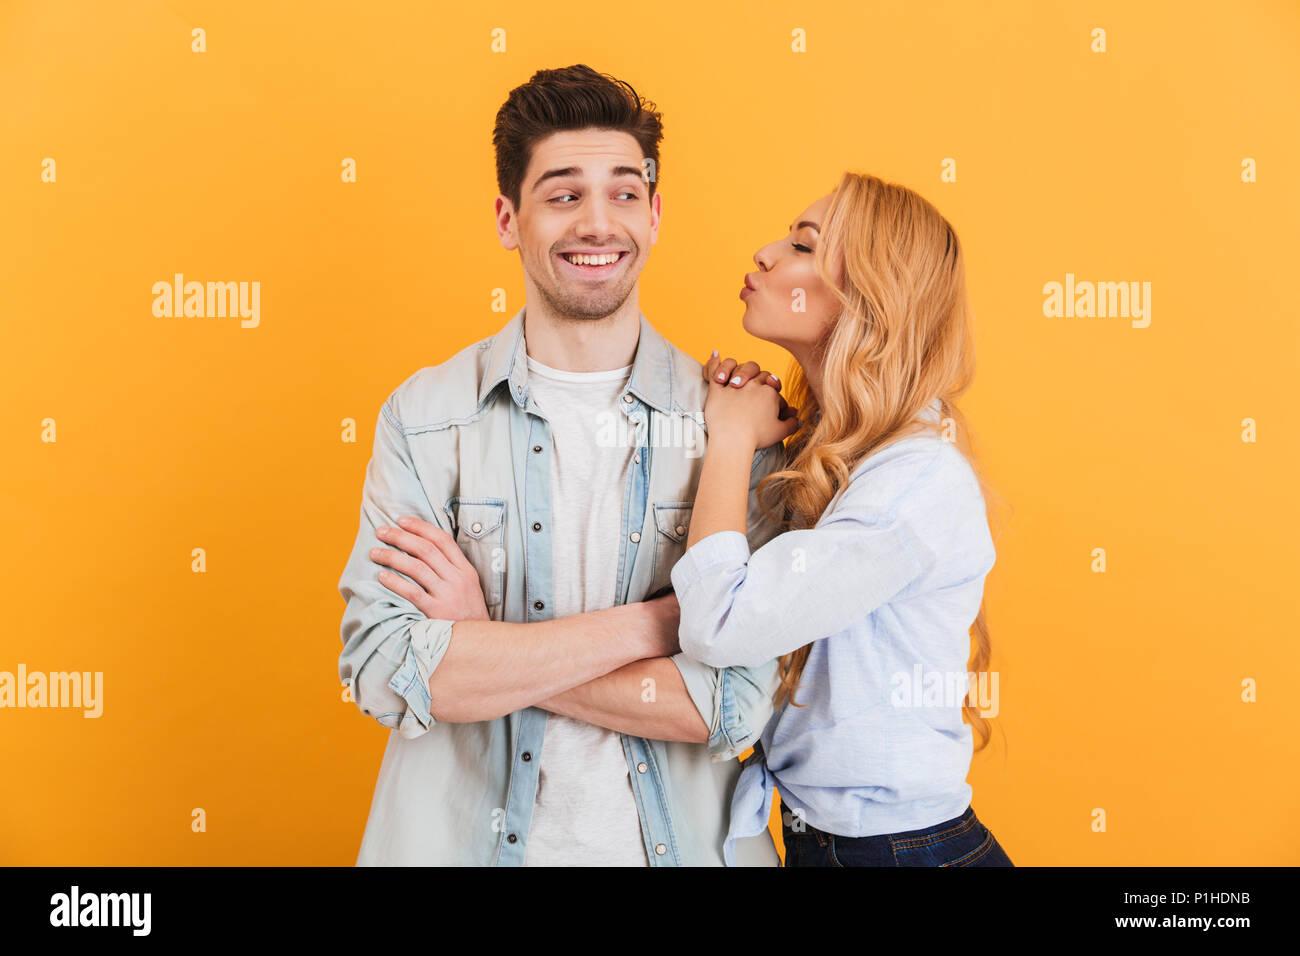 Portrait der junge schöne Menschen in der Kleidung zum Ausdruck bringt Liebe und Zuneigung, während Frau Mann Küssen auf die Wange über Gelb Hintergrund isoliert Stockbild